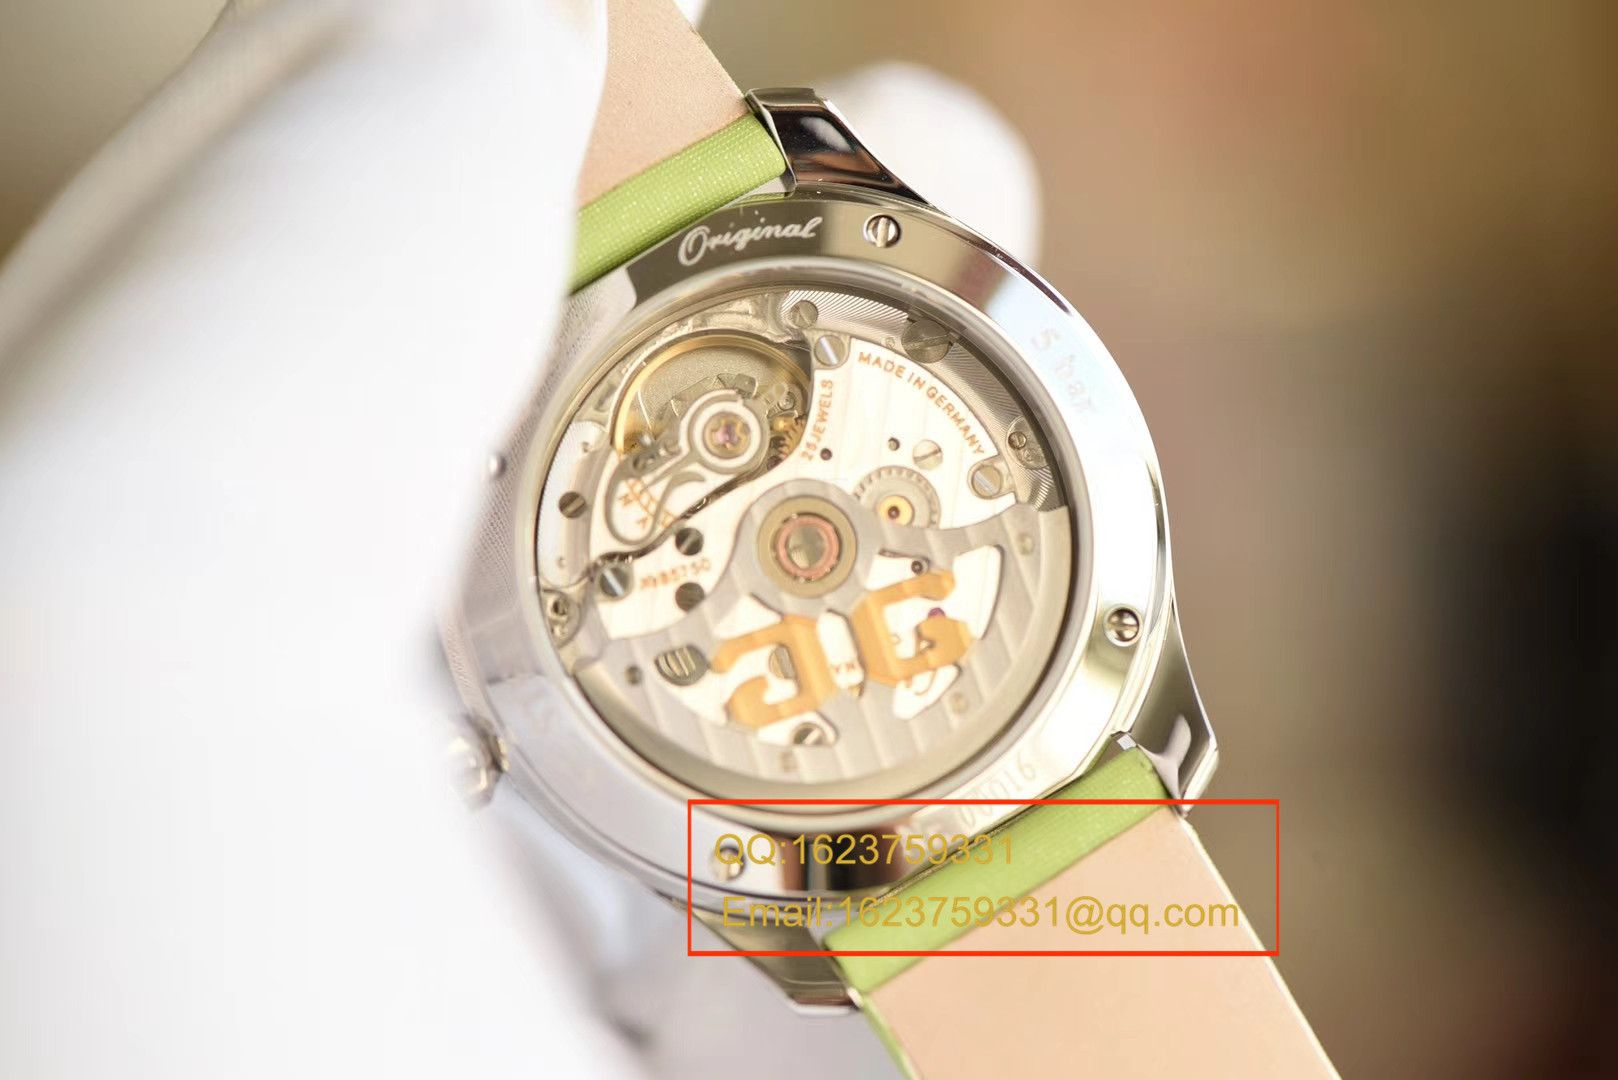 【FK一比一超A精仿手表】格拉苏蒂原创女表系列 1-39-22-12-02-04腕表 / GLA046